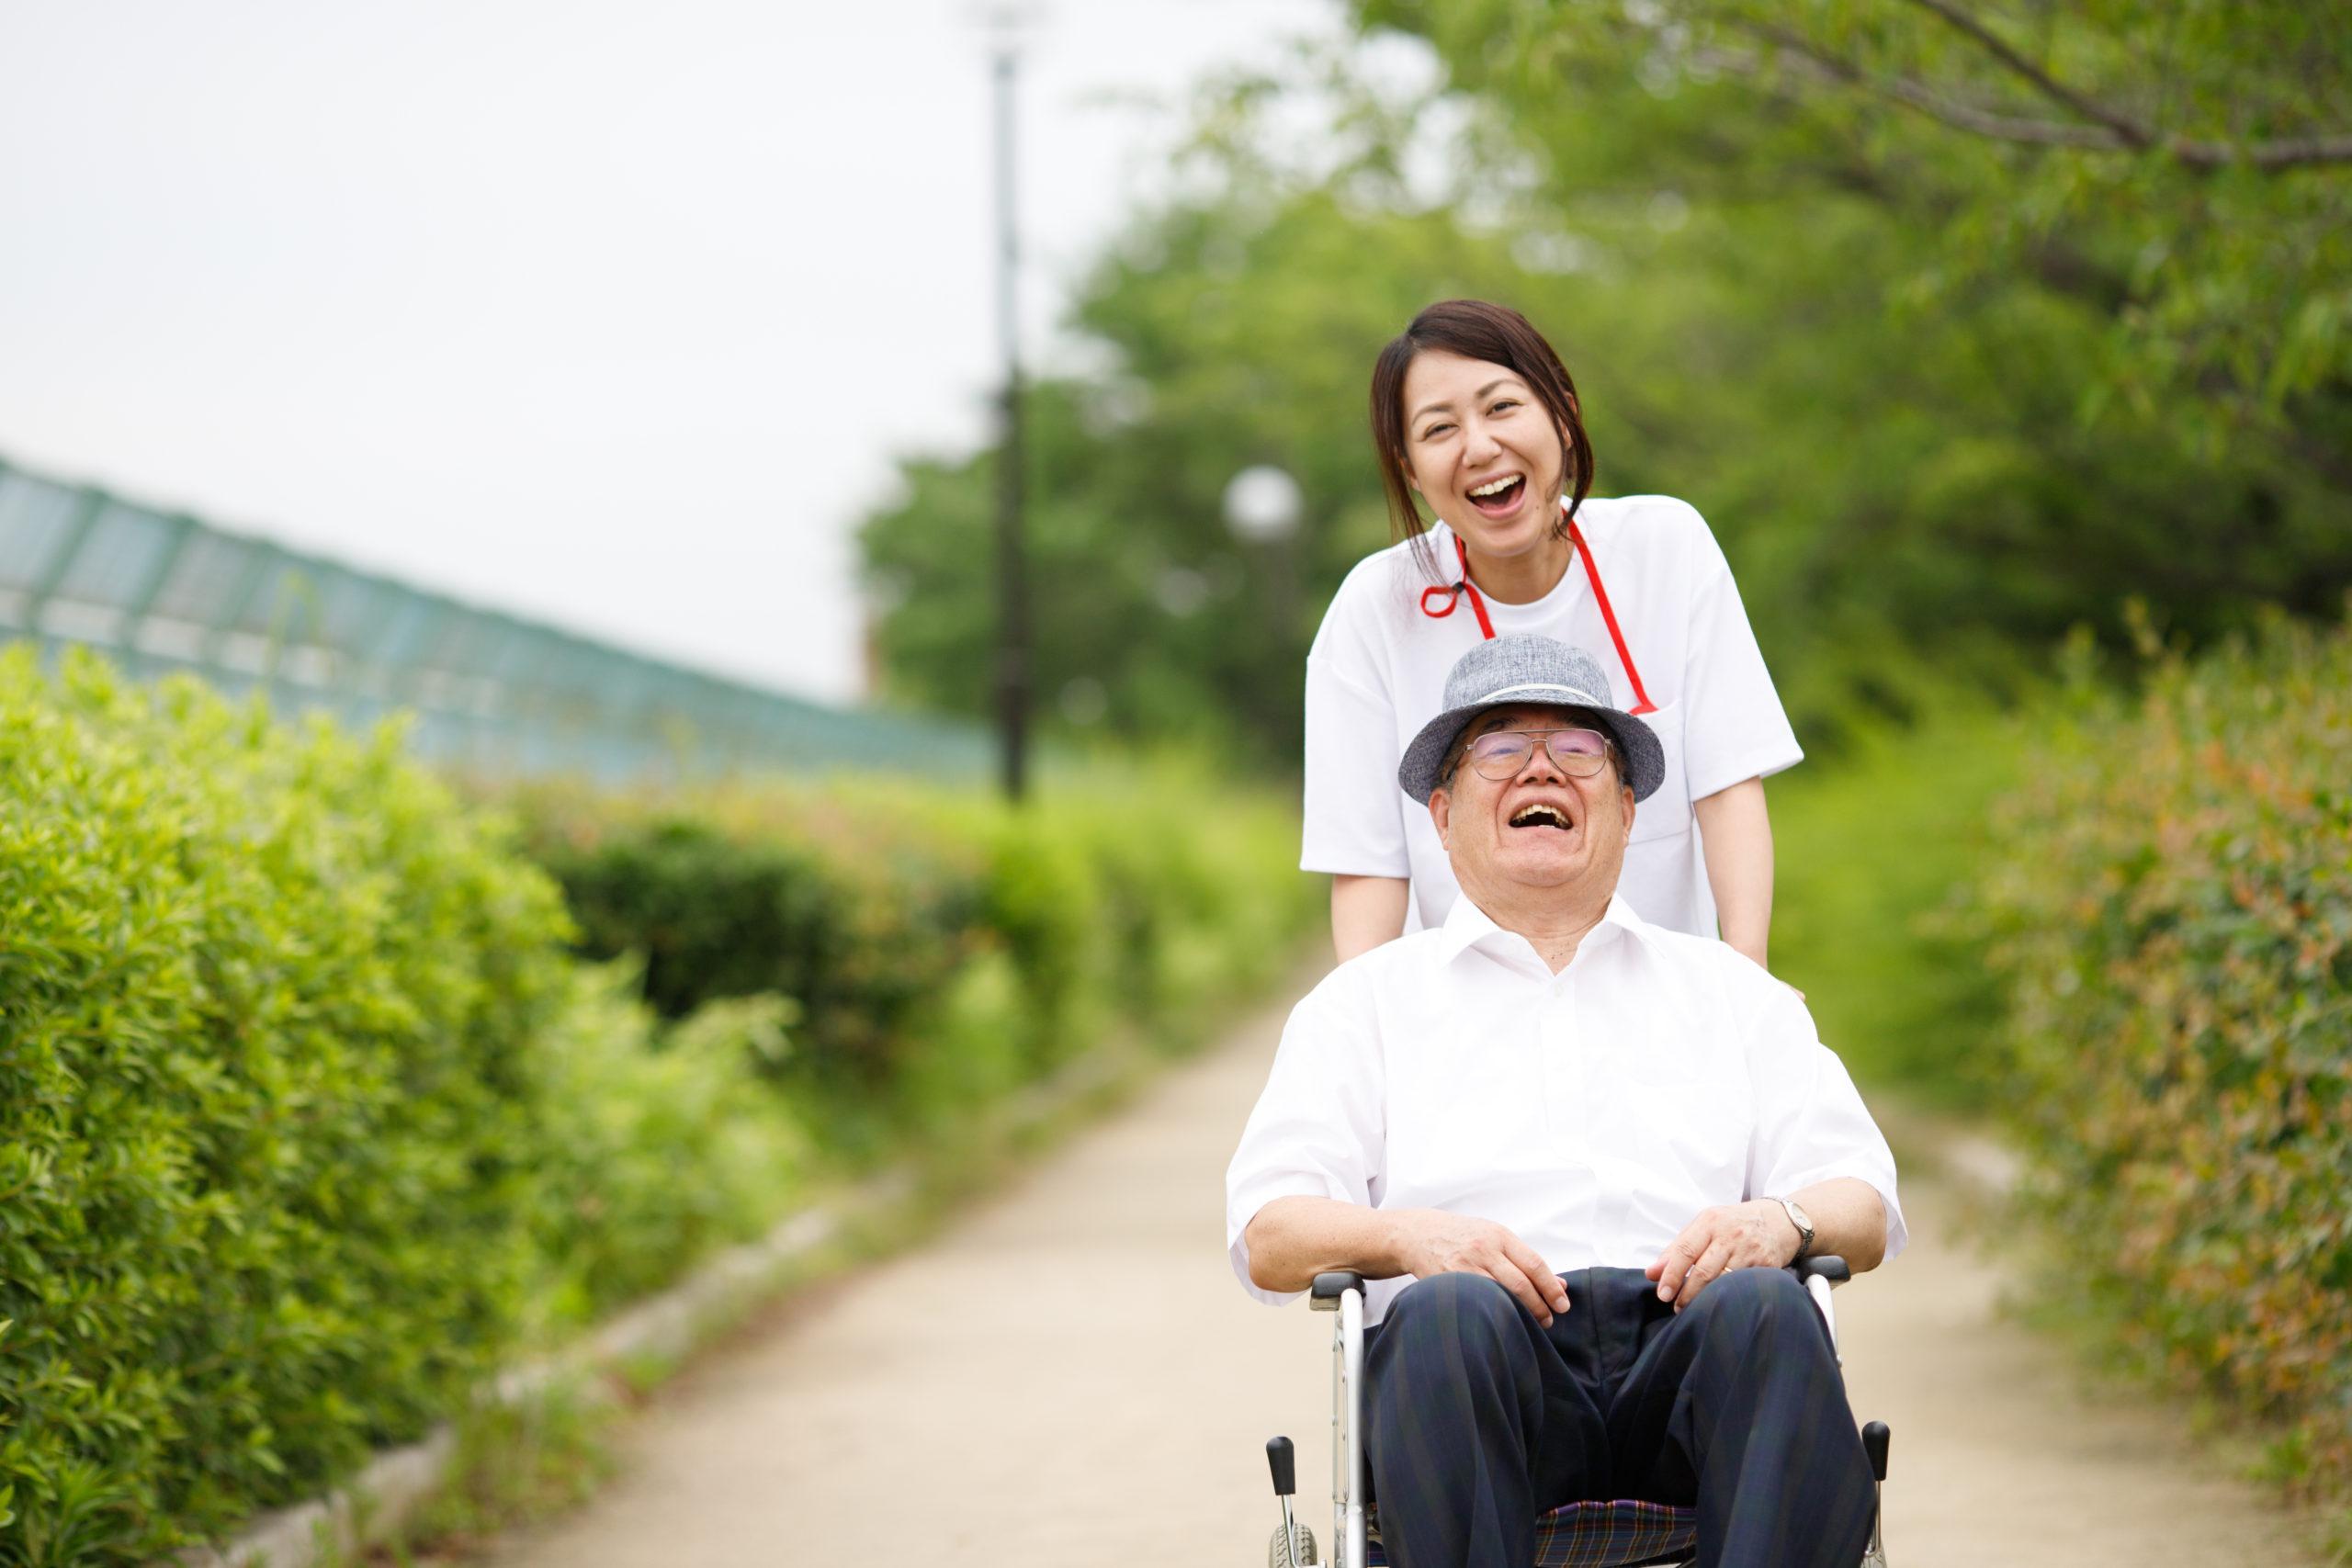 あったかホーム 派遣・人材紹介は 鎌ケ谷市の介護・医療専門 の就業支援サービスを行っています。